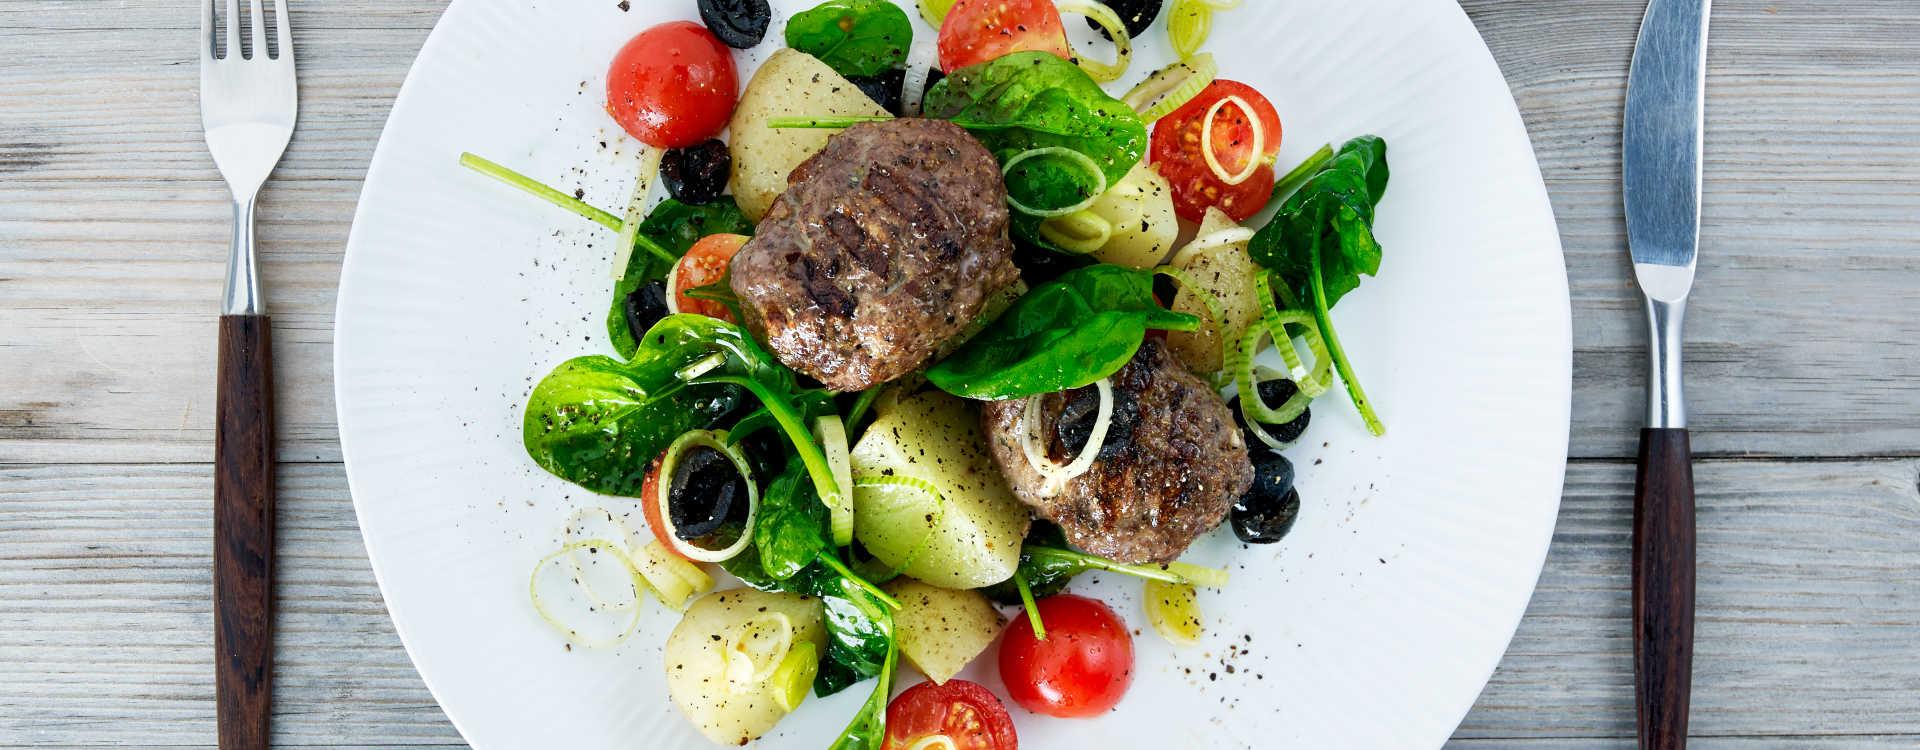 Fylte karbonader med feta på lun potetsalat